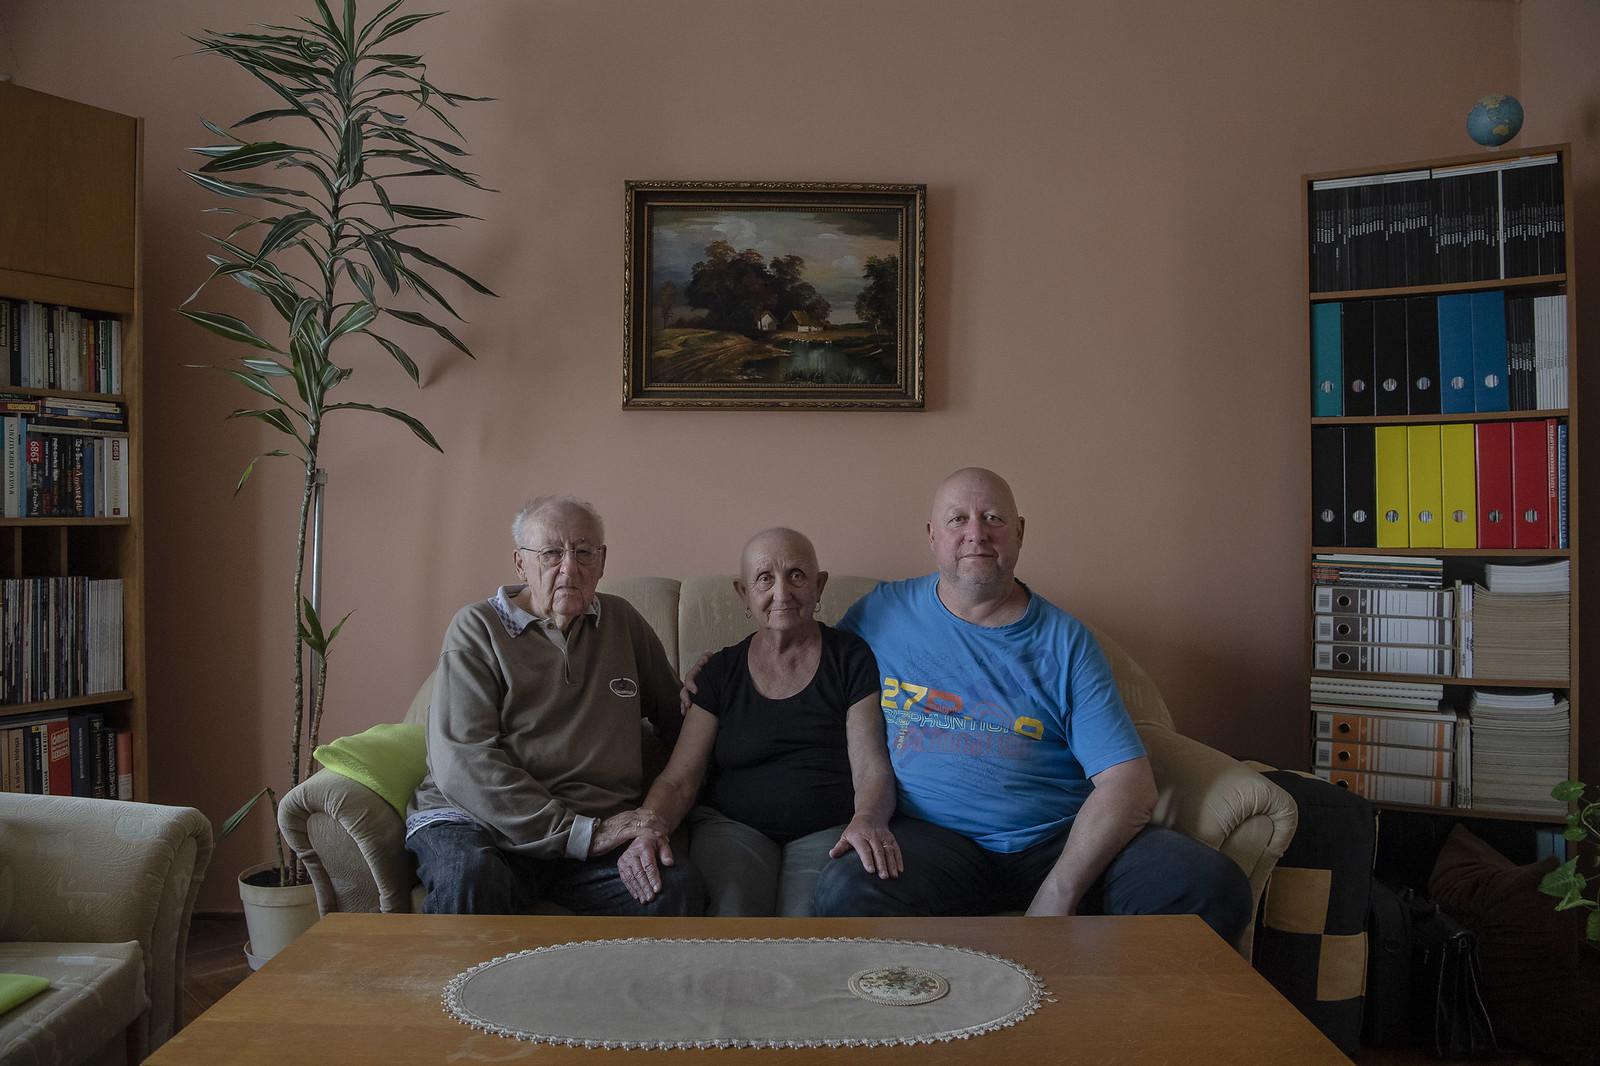 József szüleivel | Fotó: Hajdú D. András